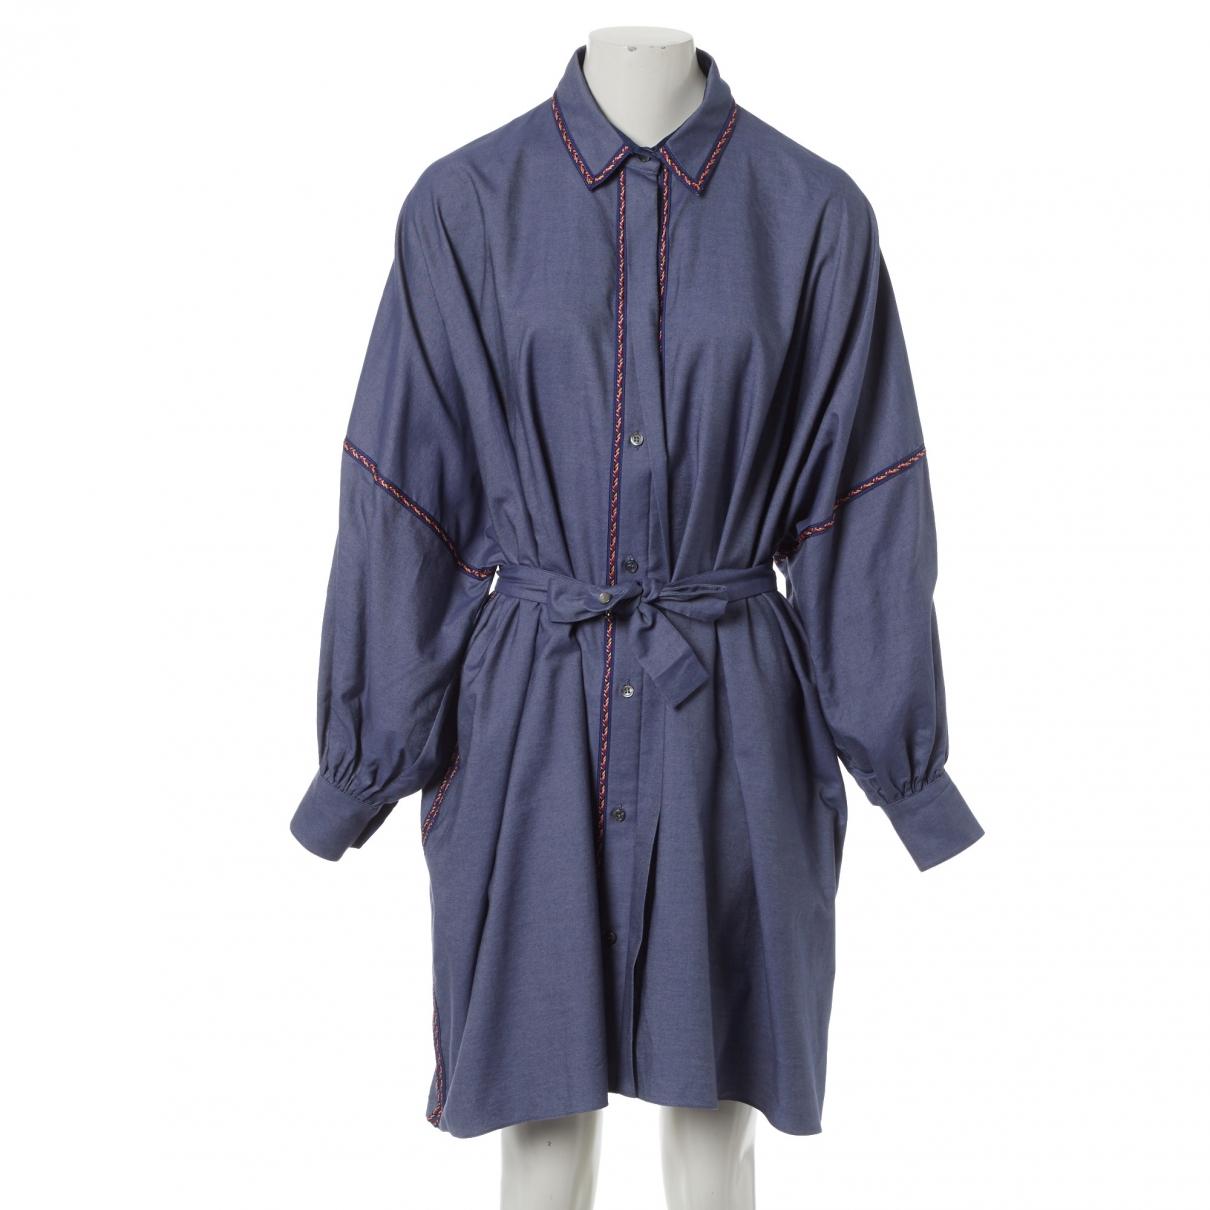 Alexis Mabille \N Kleid in  Blau Baumwolle